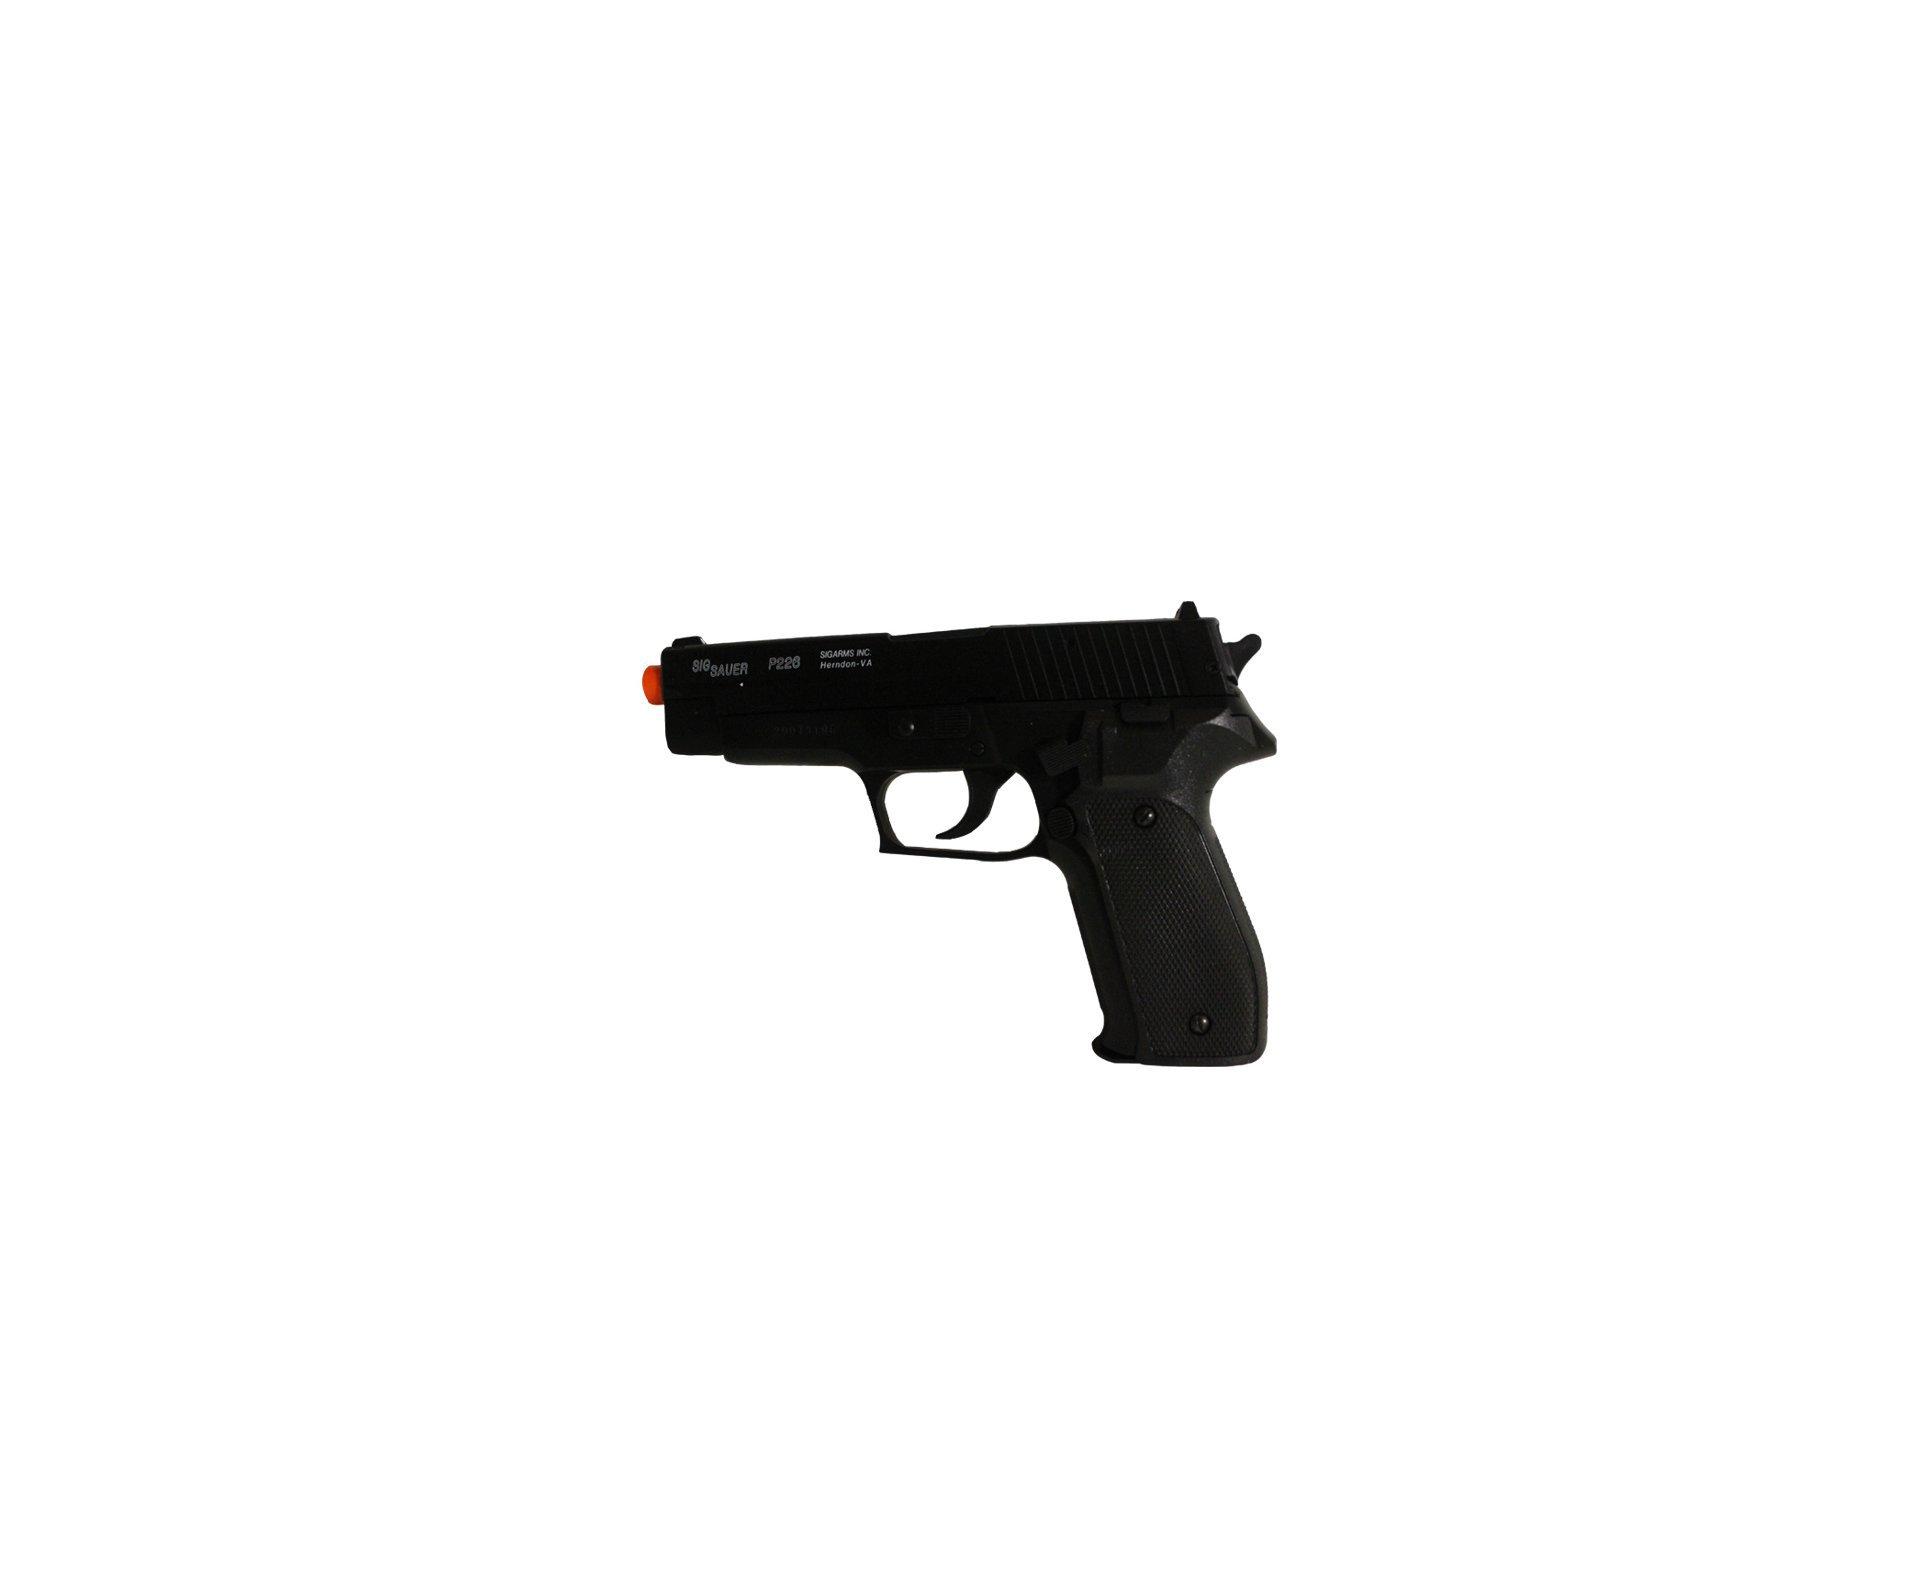 Rifle De Airsoft Colt M4a1 Carbine - Elétrico - Cal 6,0 Mm + Pistola P226 + Mochila Rossi ()